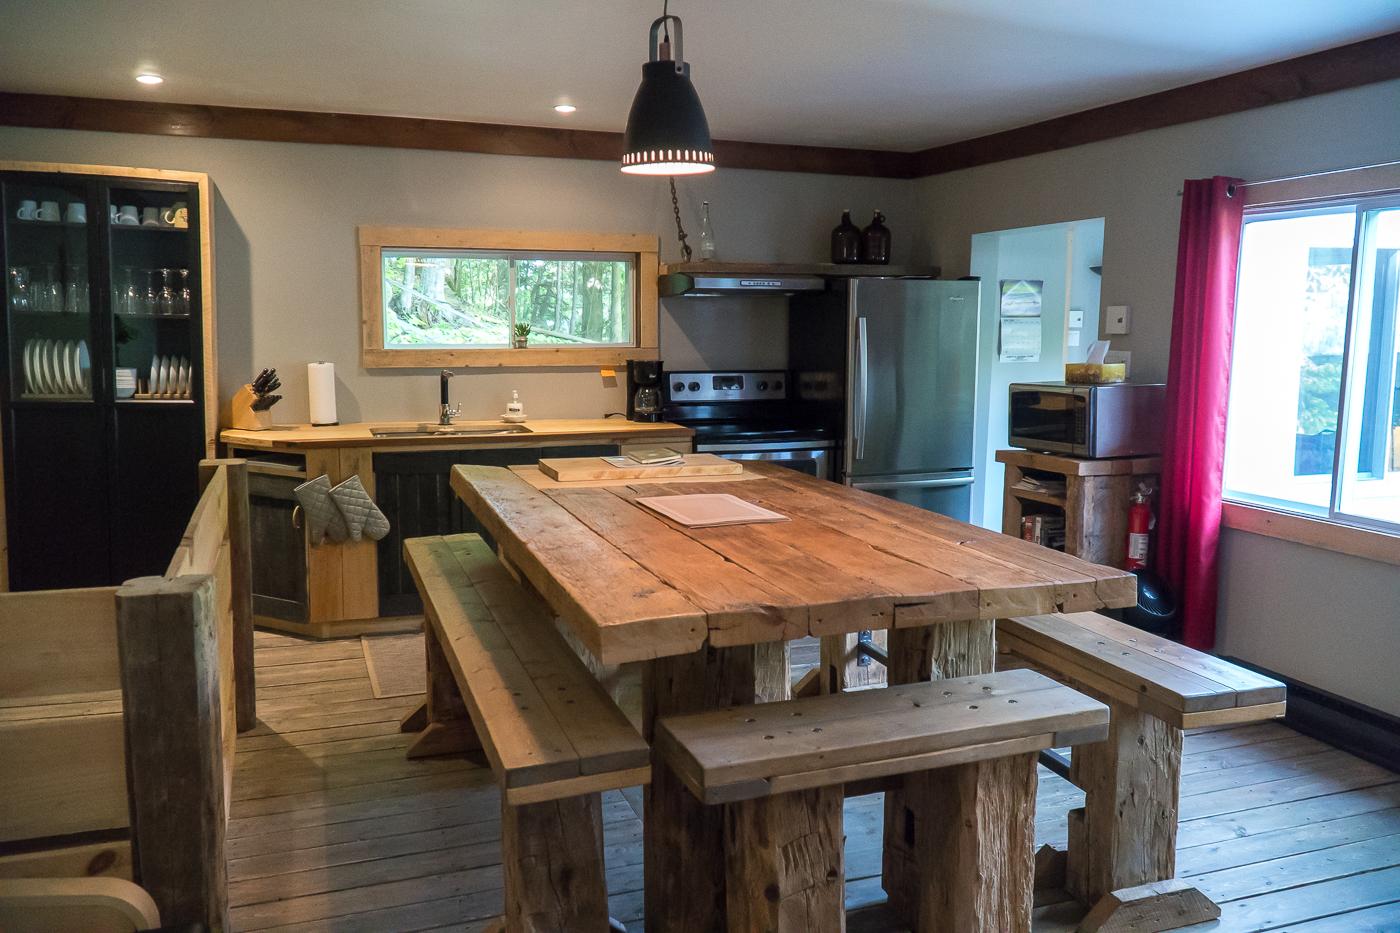 Intérieur et salle à manger/cuisine des Chalets Howard des Cantons-de-l'Est